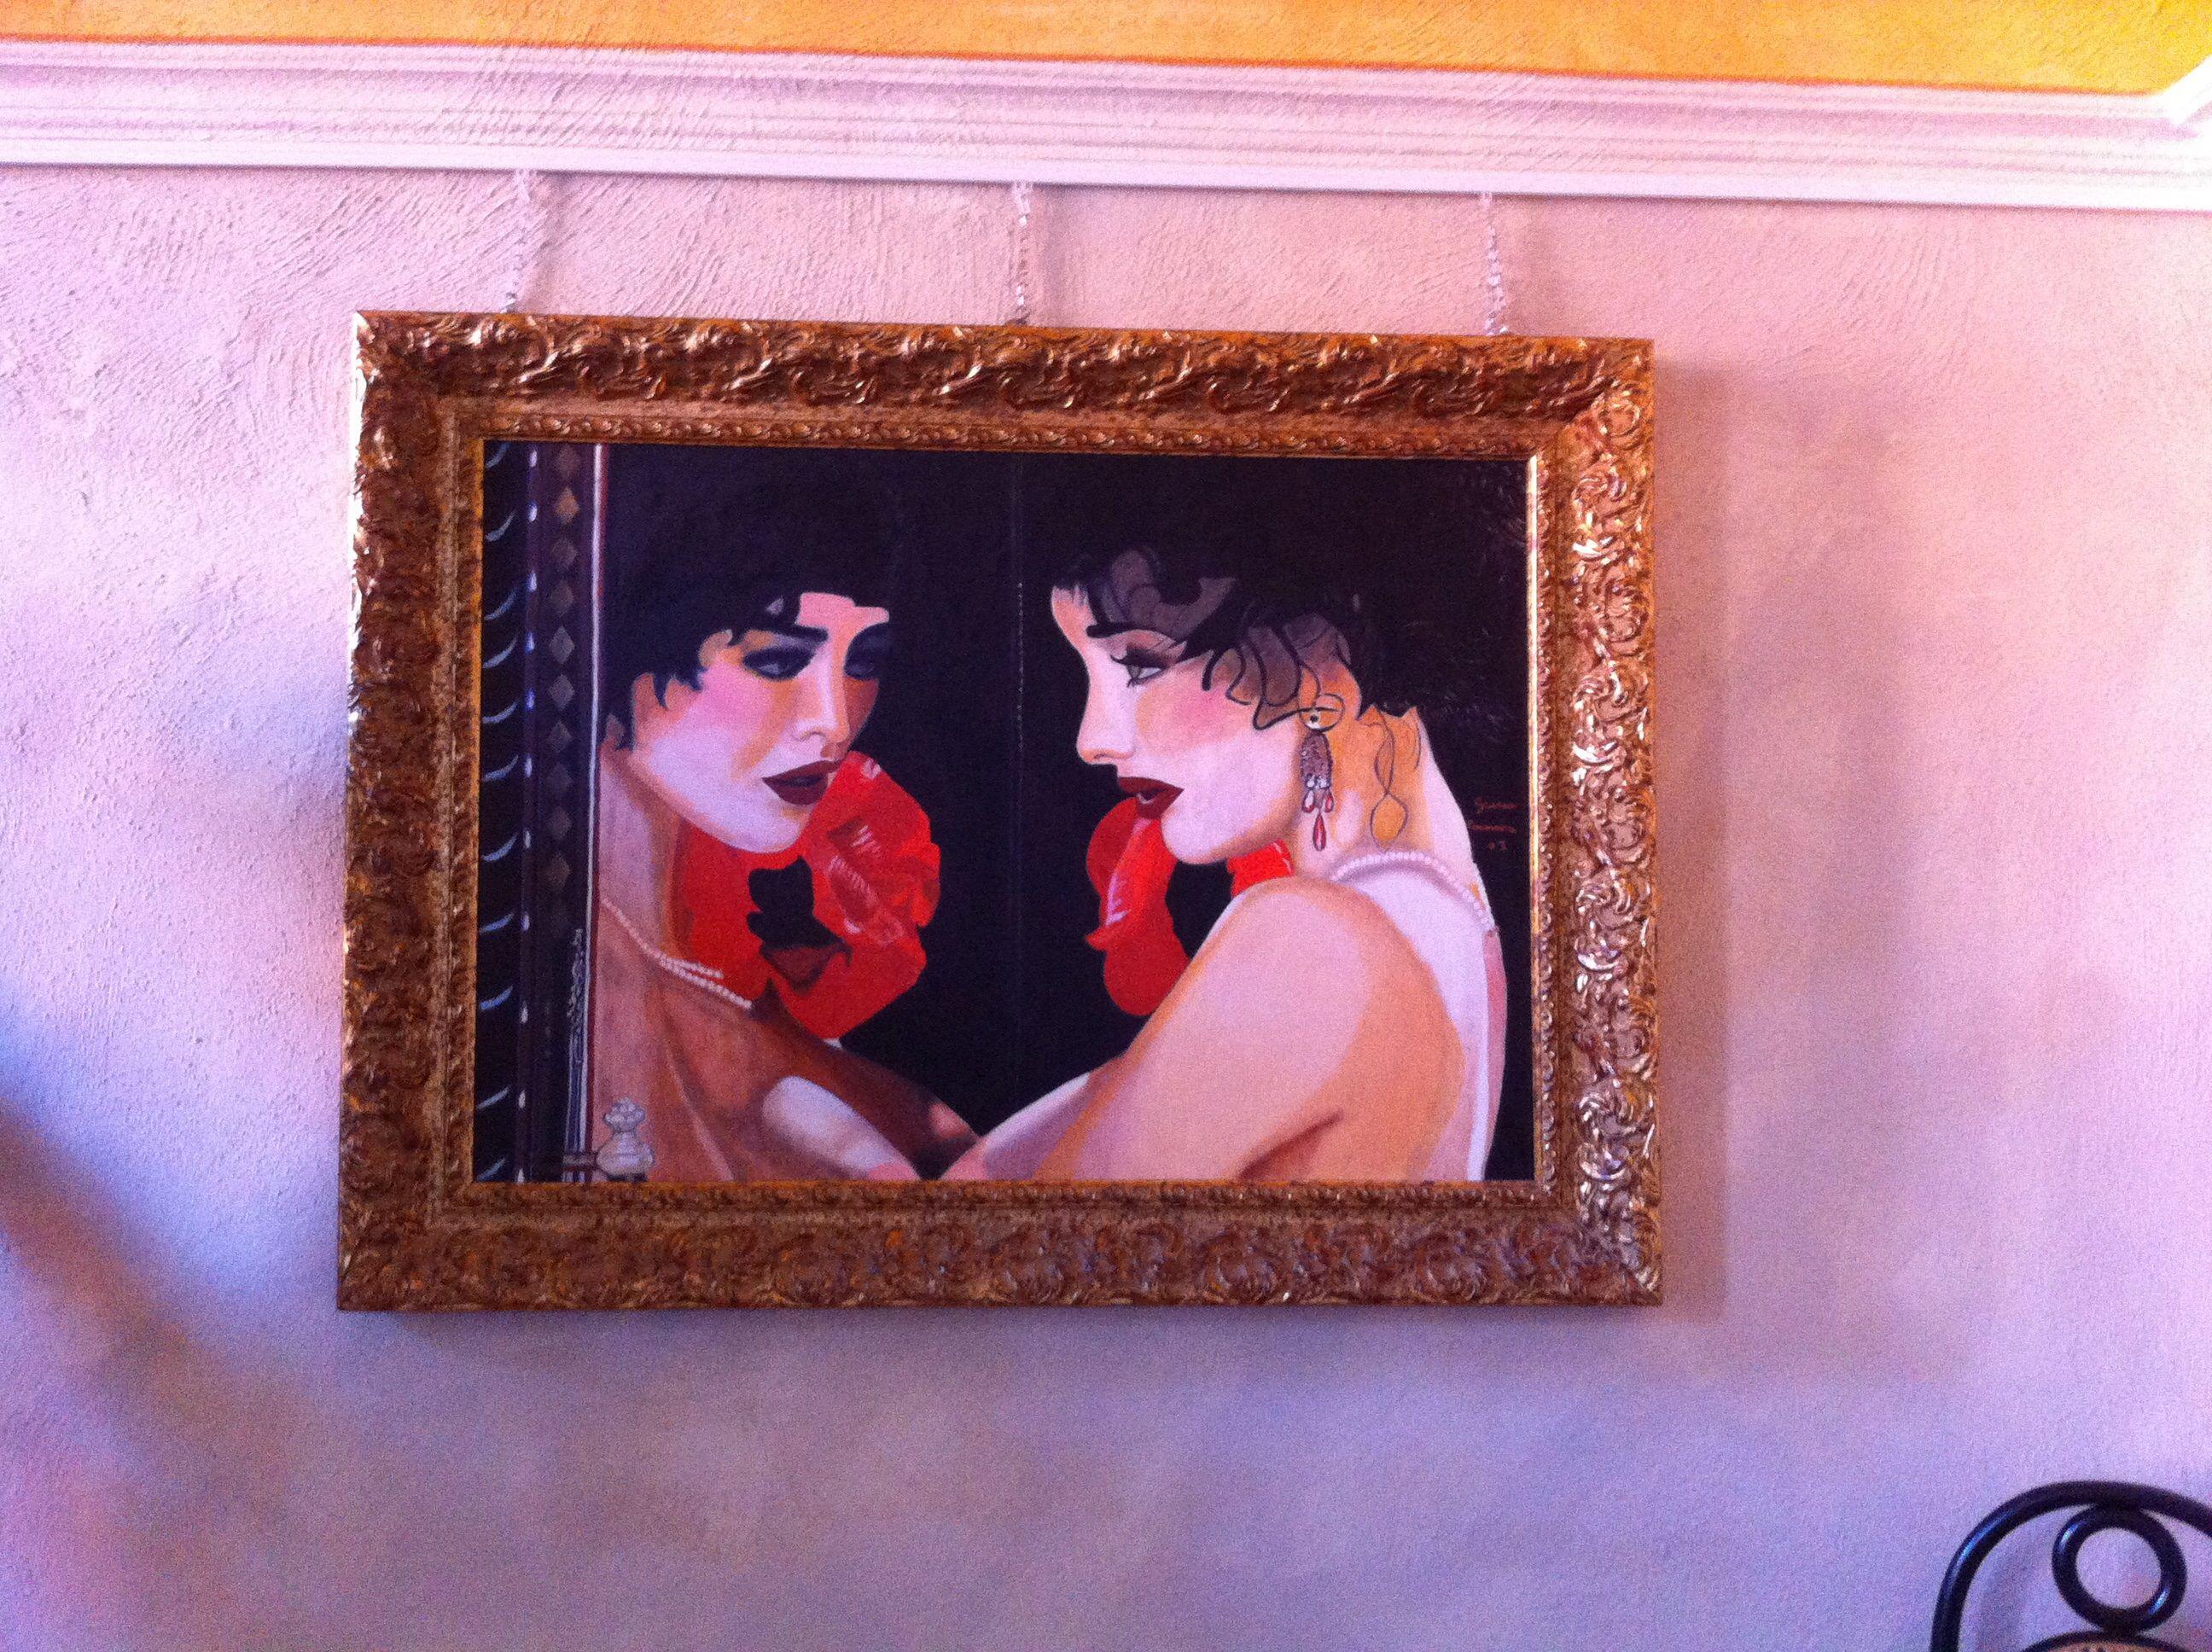 Donna allo specchio   Il linguaggio espresso in quest'opera figurativa è un verbo pittorico che ben supporta una sorta di compiutezza della rappresentazione artistica. Il viso ritratto con dovizia di particolari esalta la donna nel suo splendore e in un senso di enigmicità. L'opera è olio su tela cm 130x150. 340-8565230